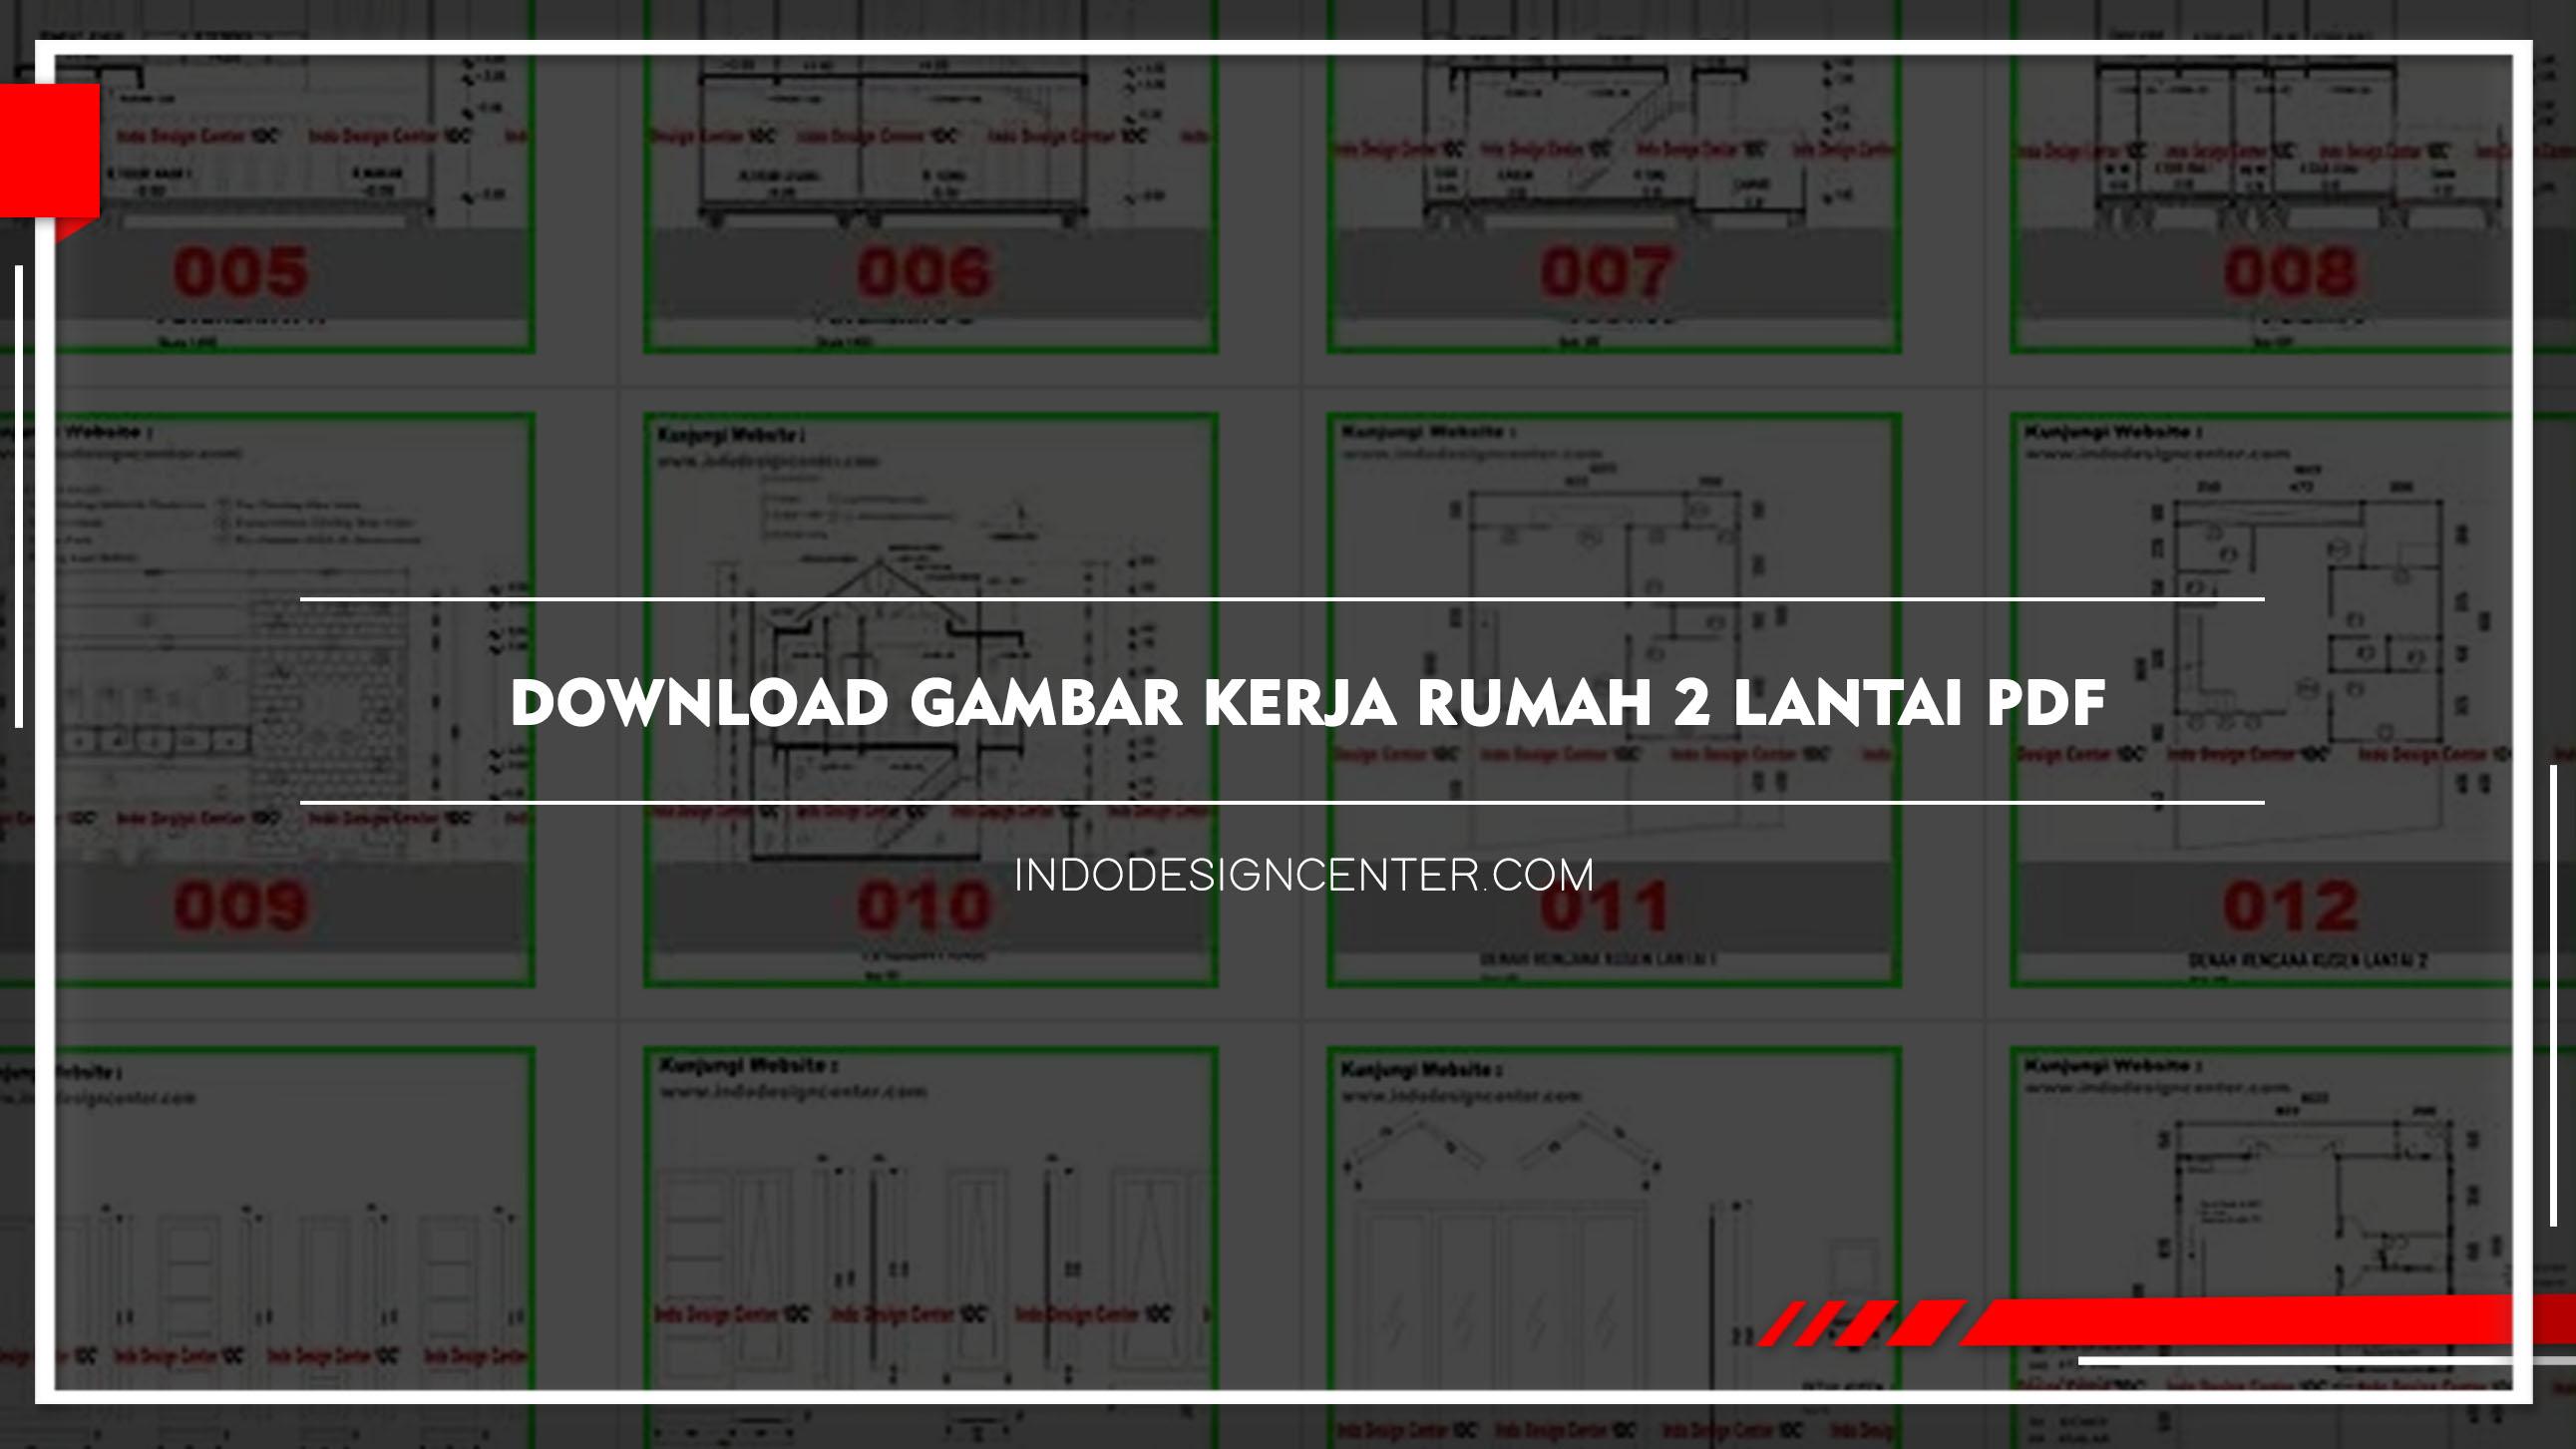 Download Gambar Kerja Rumah 2 Lantai Pdf Gratis